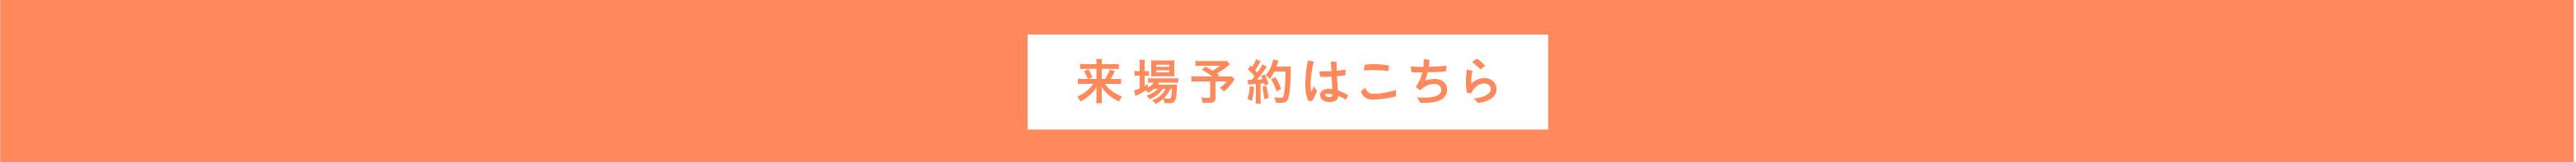 【プレミアムシーズン寝屋川幸町】来場予約はこちら